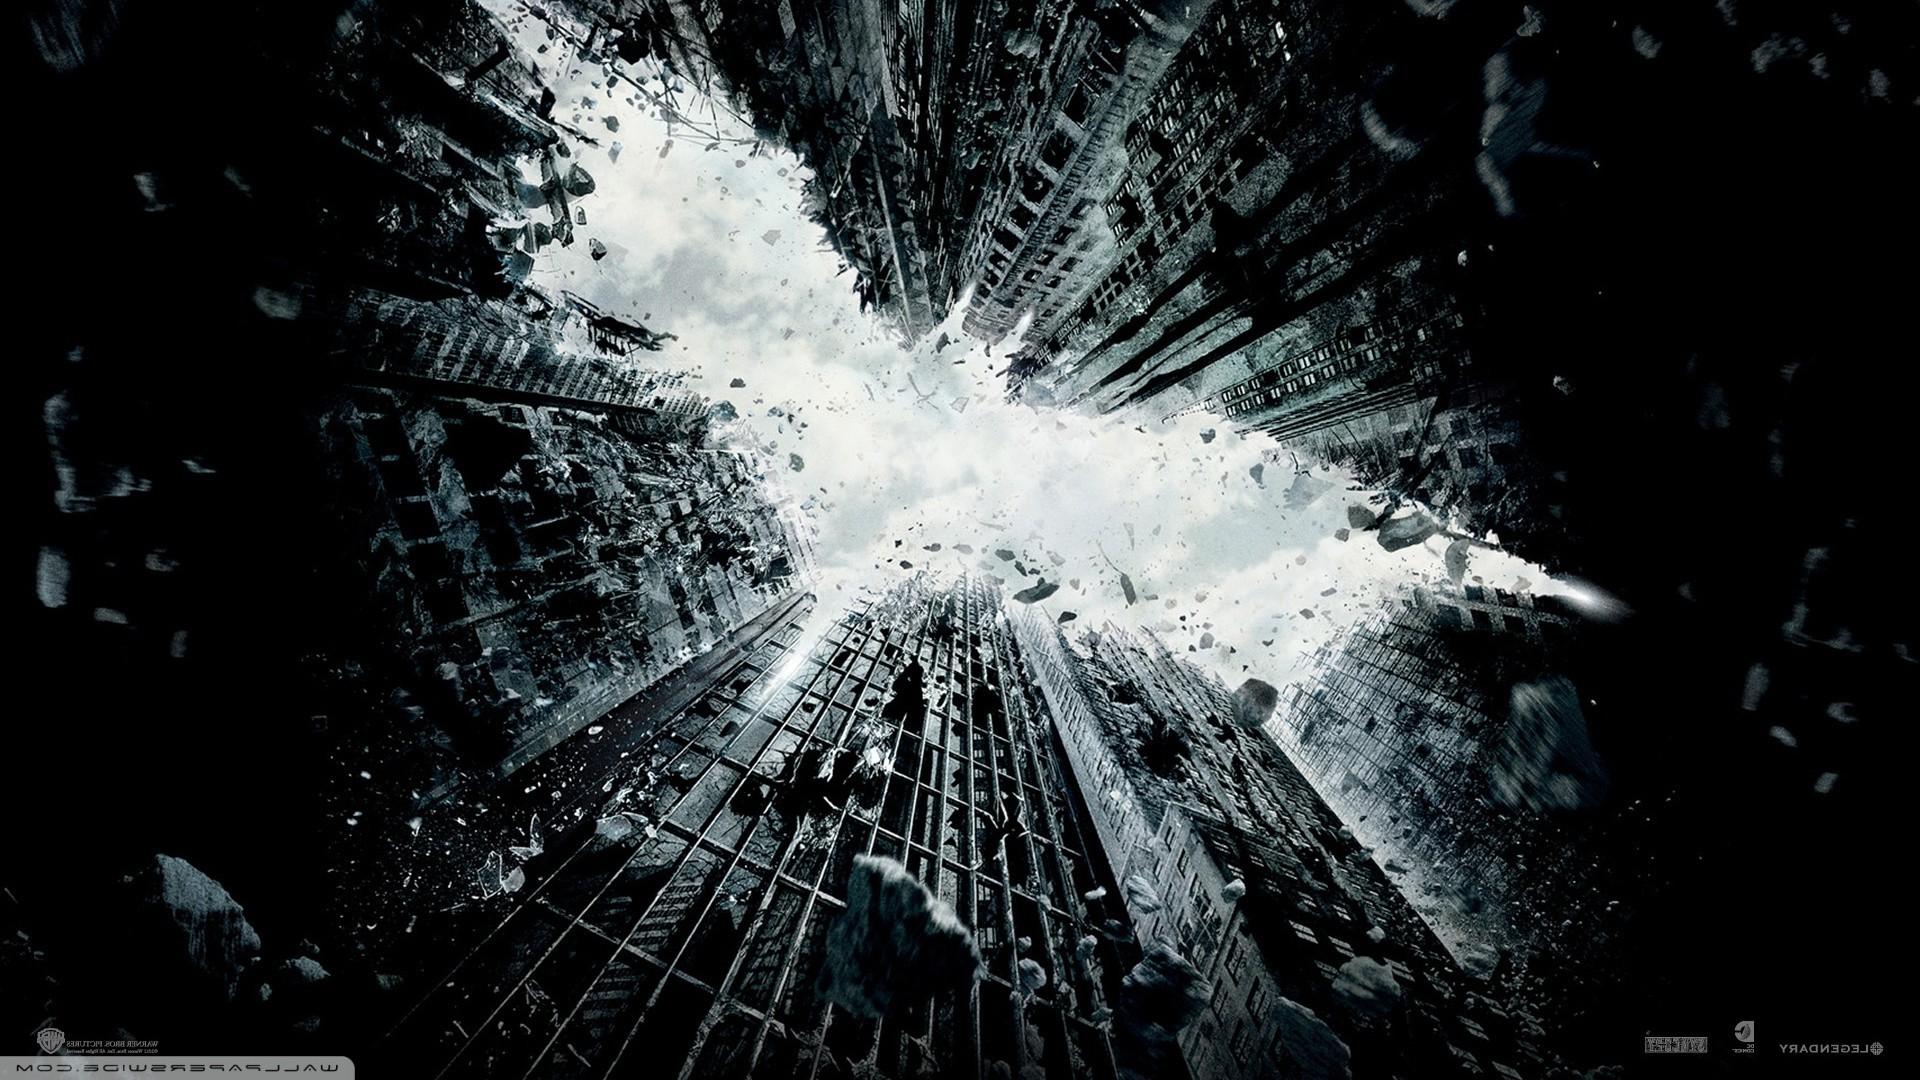 Wallpaper 1920x1080 Px Batman Begins 1920x1080